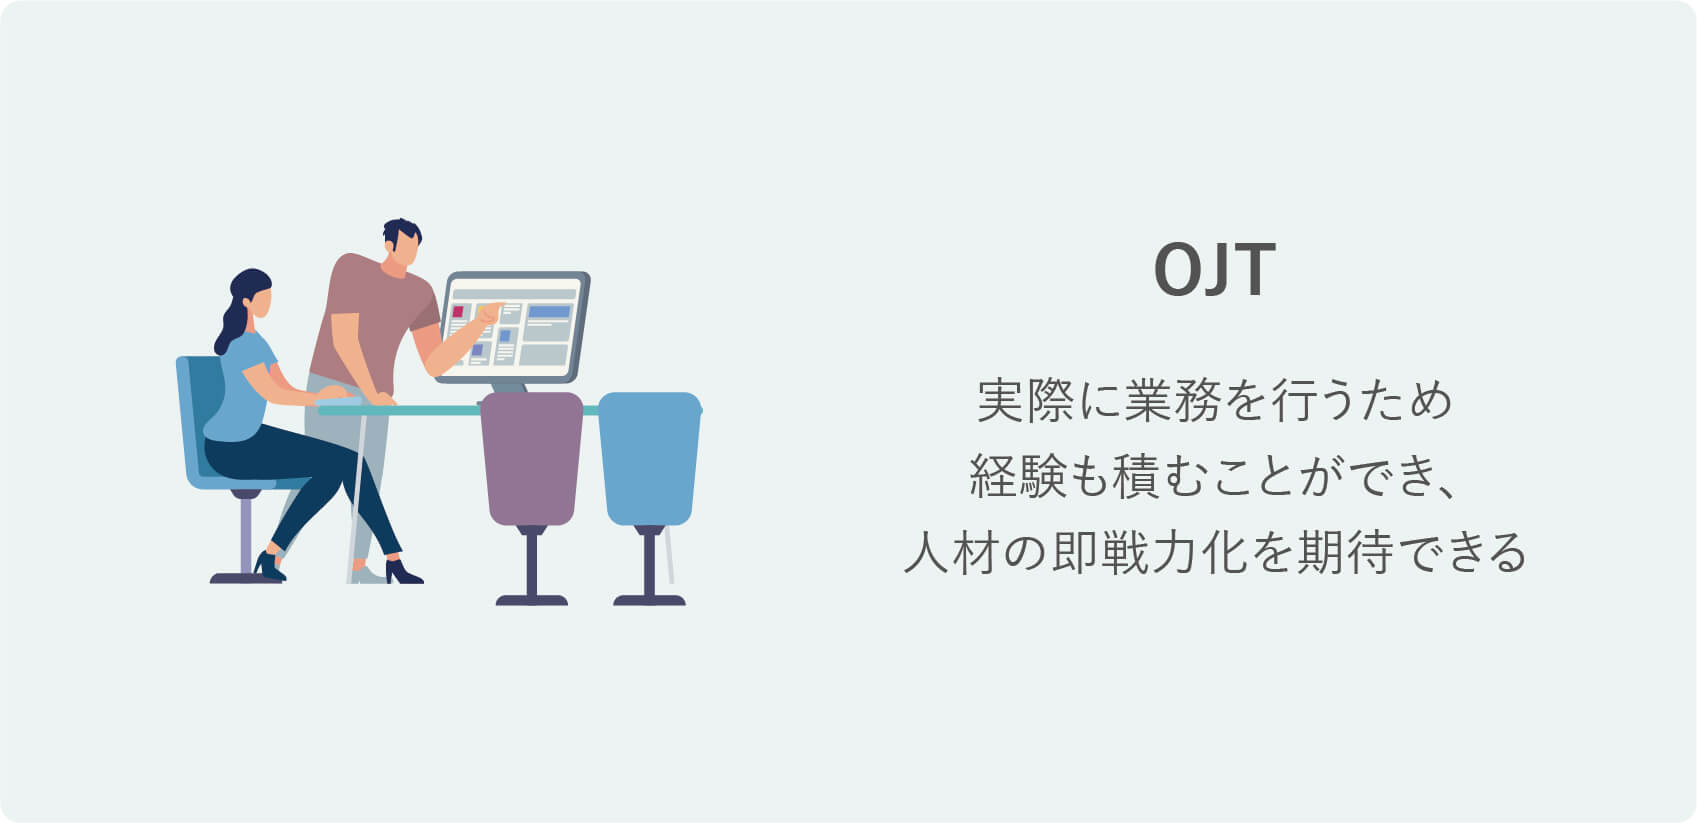 研修の種類|OJT